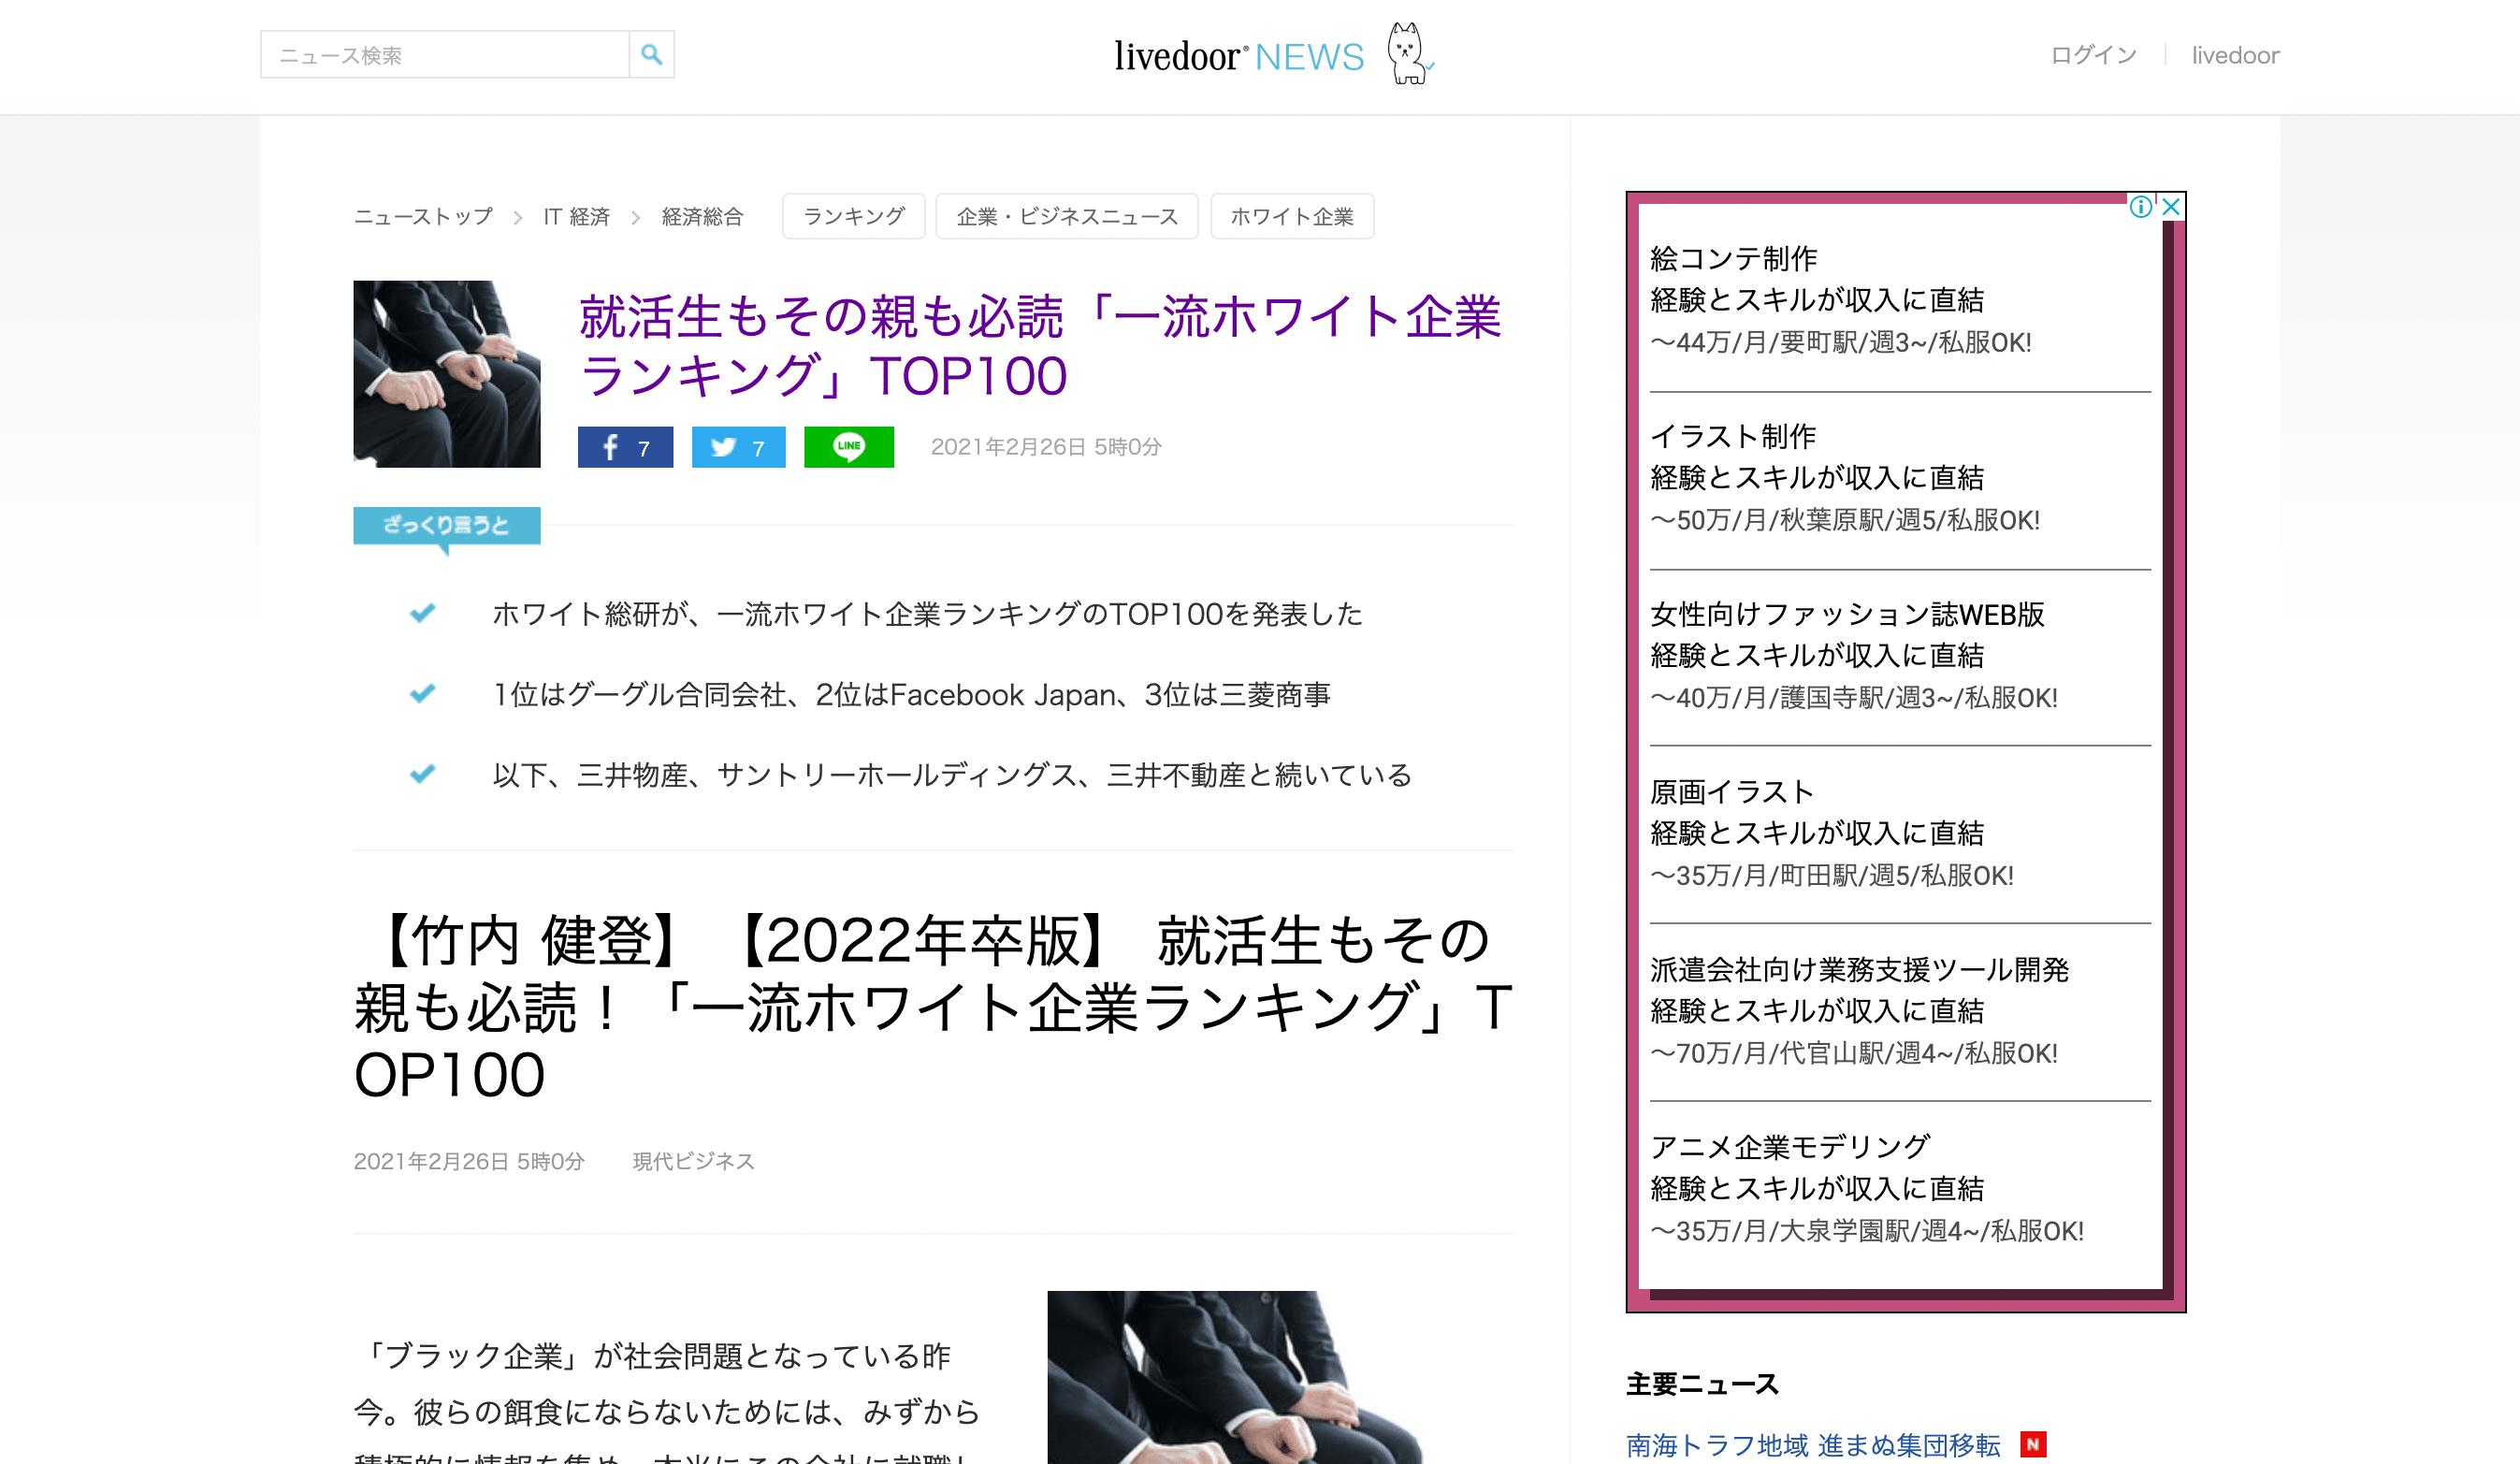 ライブドアニュースでの紹介記事